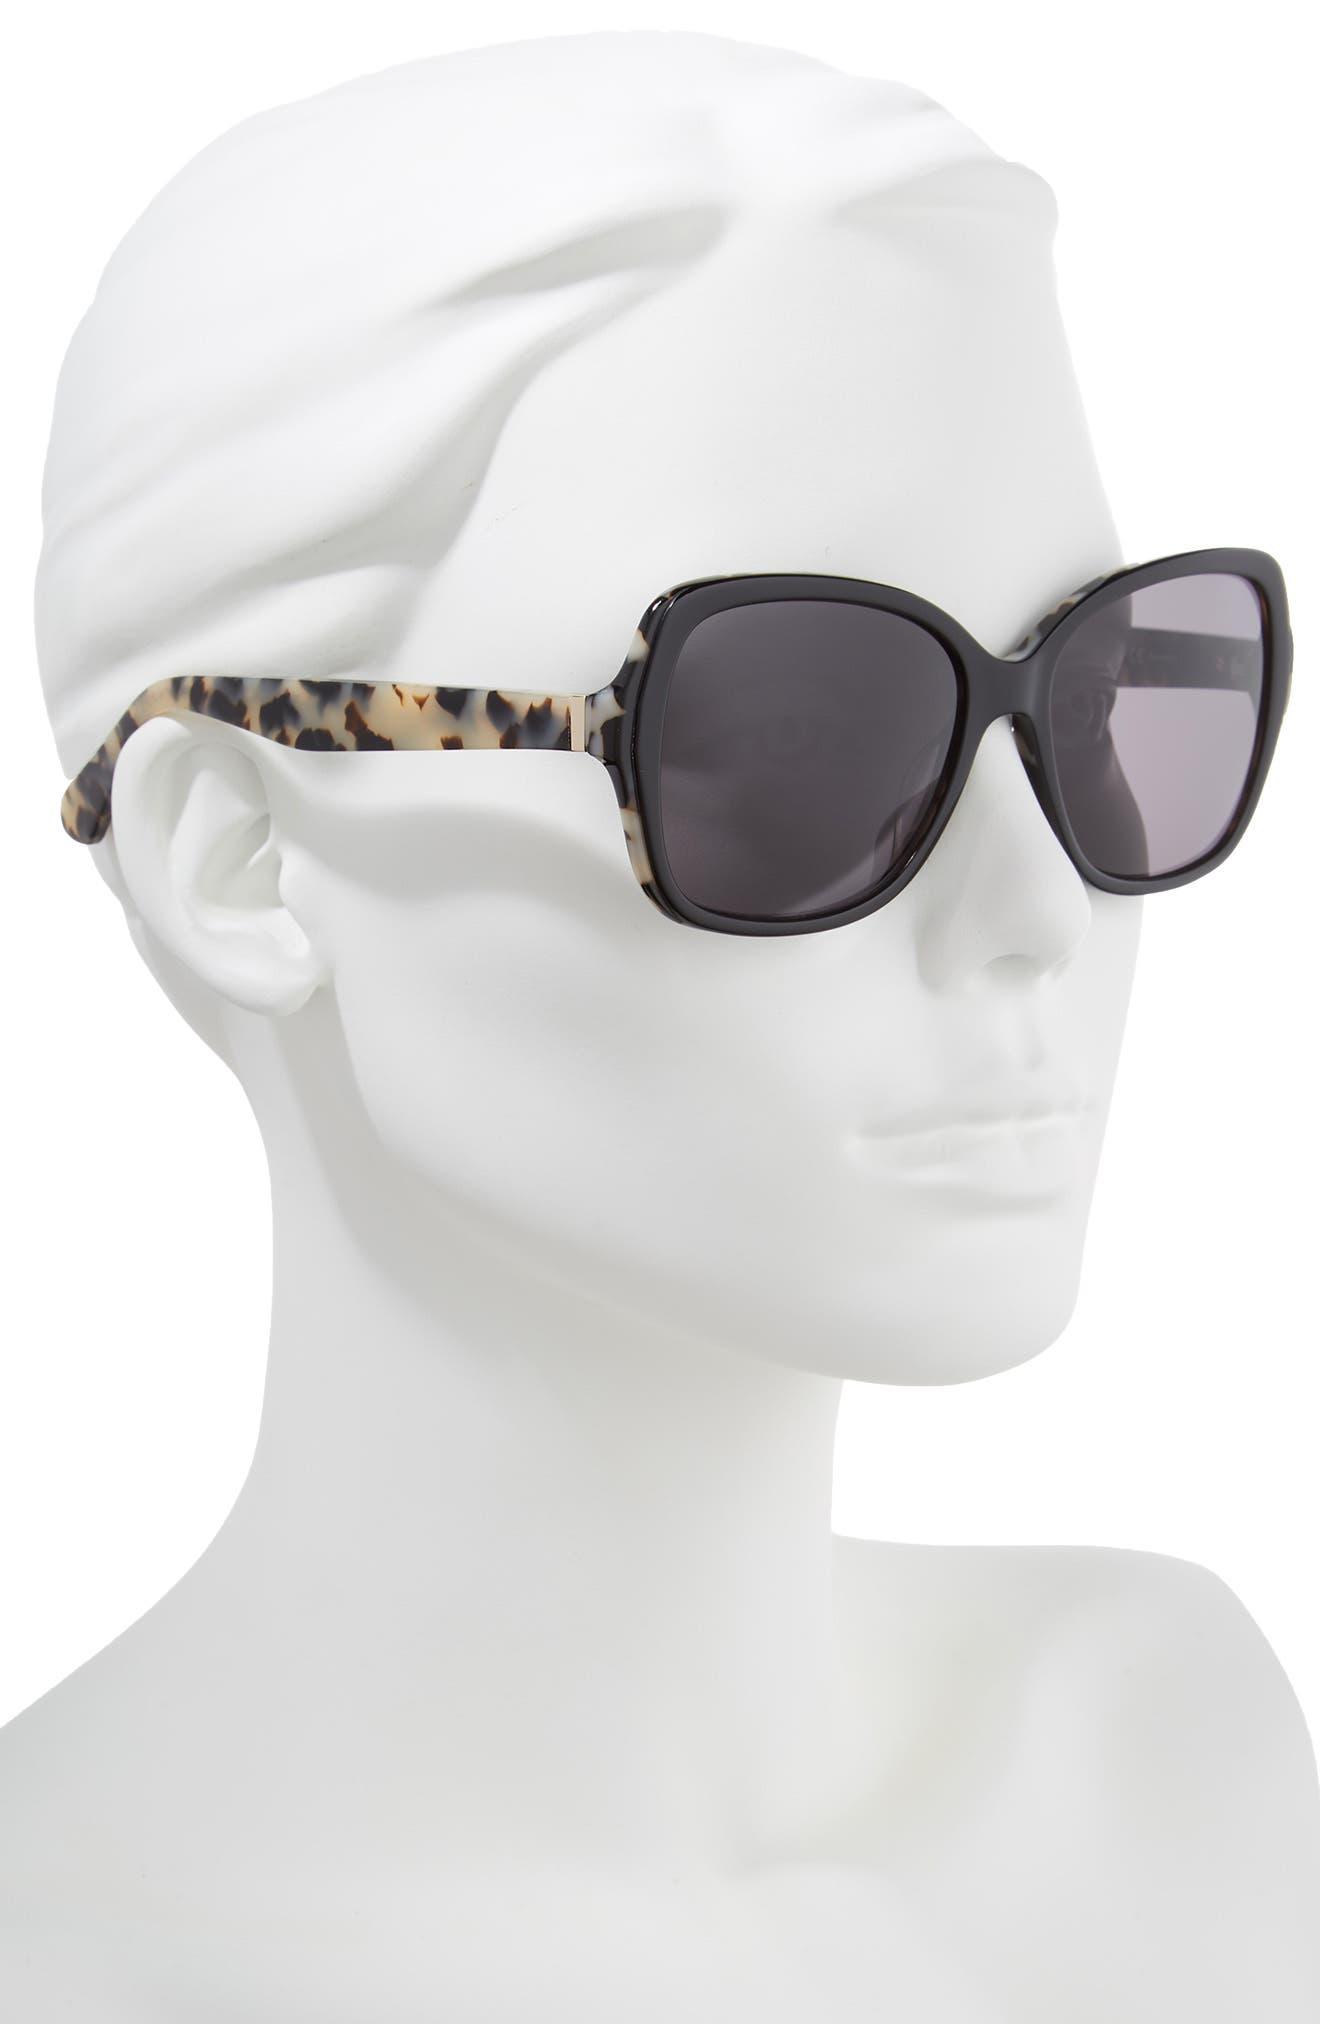 karalyns 56mm oversized sunglasses,                             Alternate thumbnail 2, color,                             BLACK HAVANA POLAR